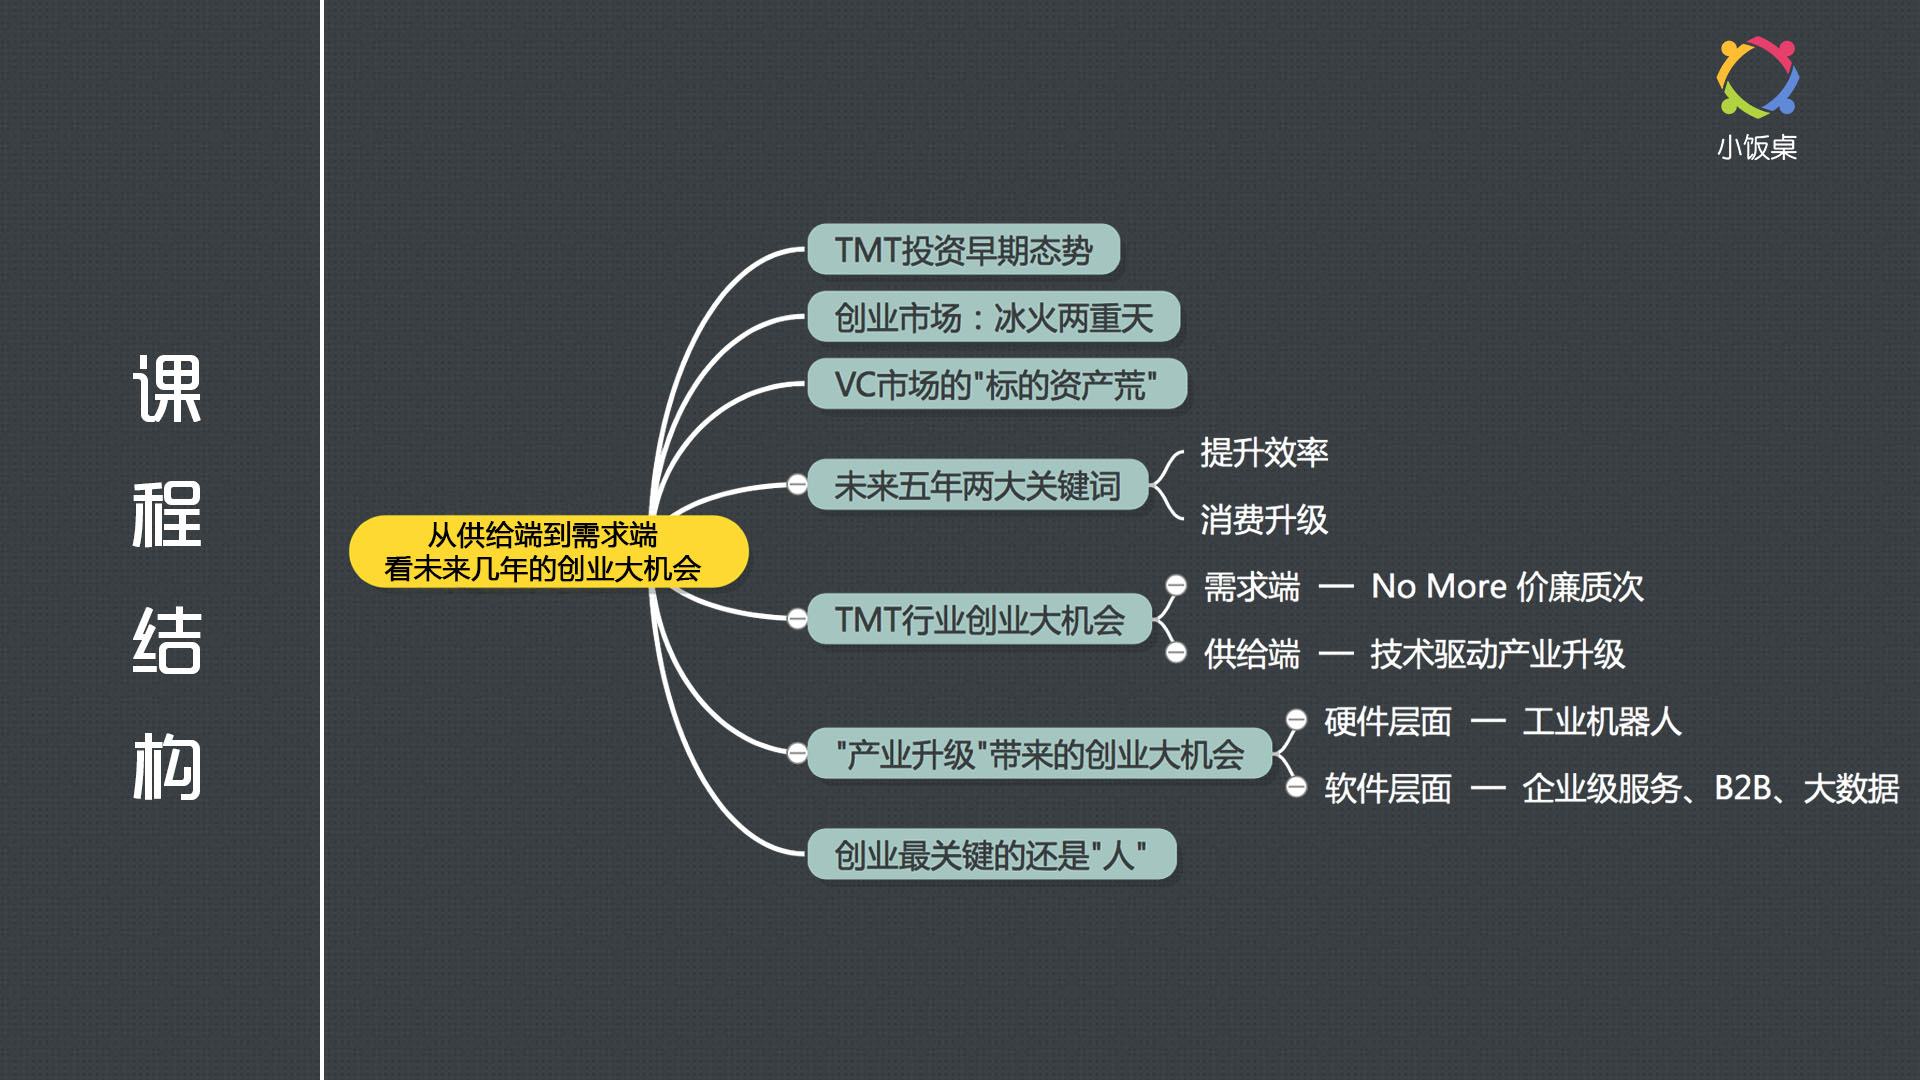 黄明明-思维导图1.jpg